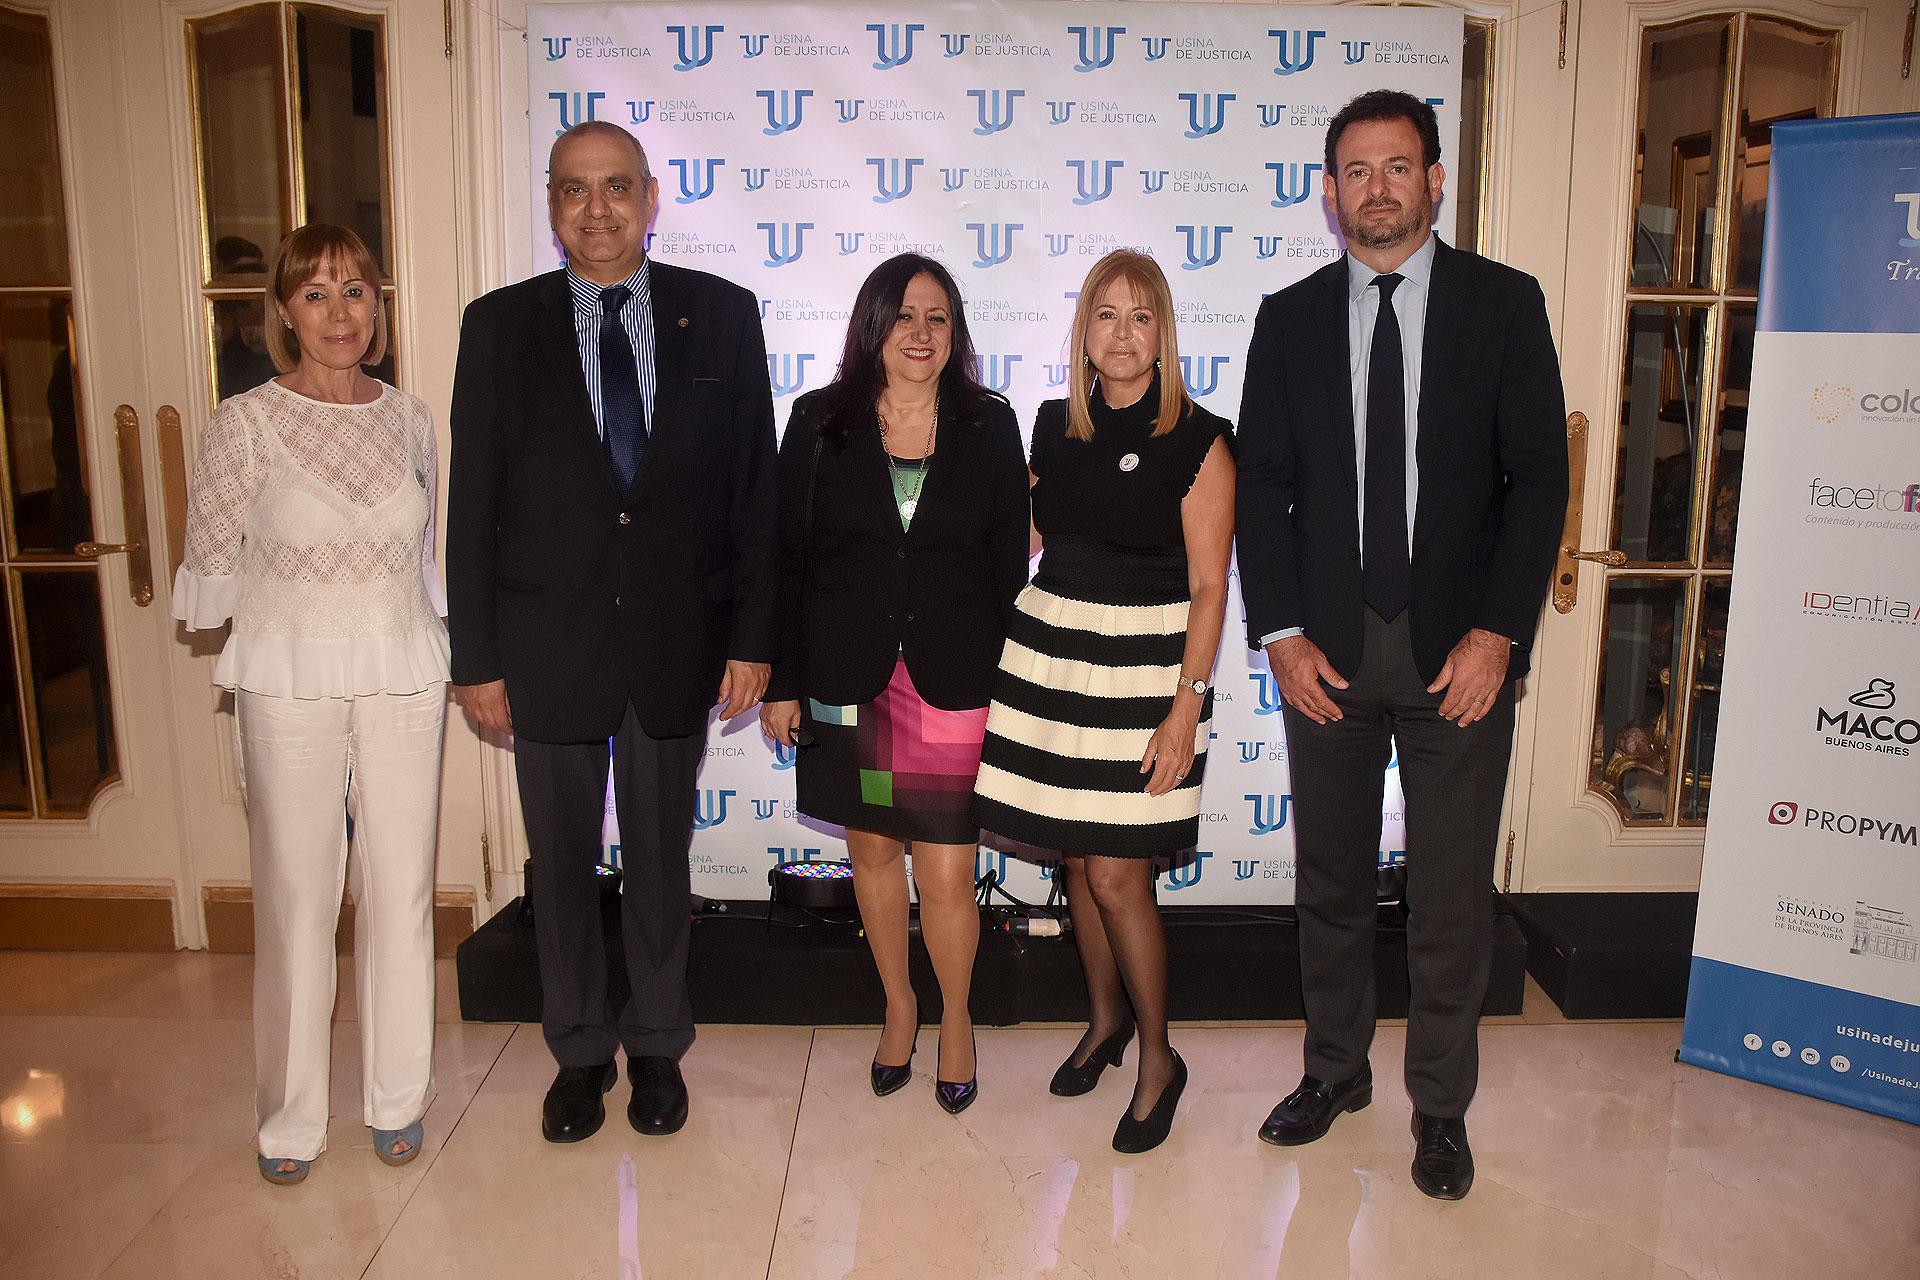 La psicoanalista Marcela Dal Verme junto al juez penal Mariano Chediek, su mujer Alejandra; y José Urtubey